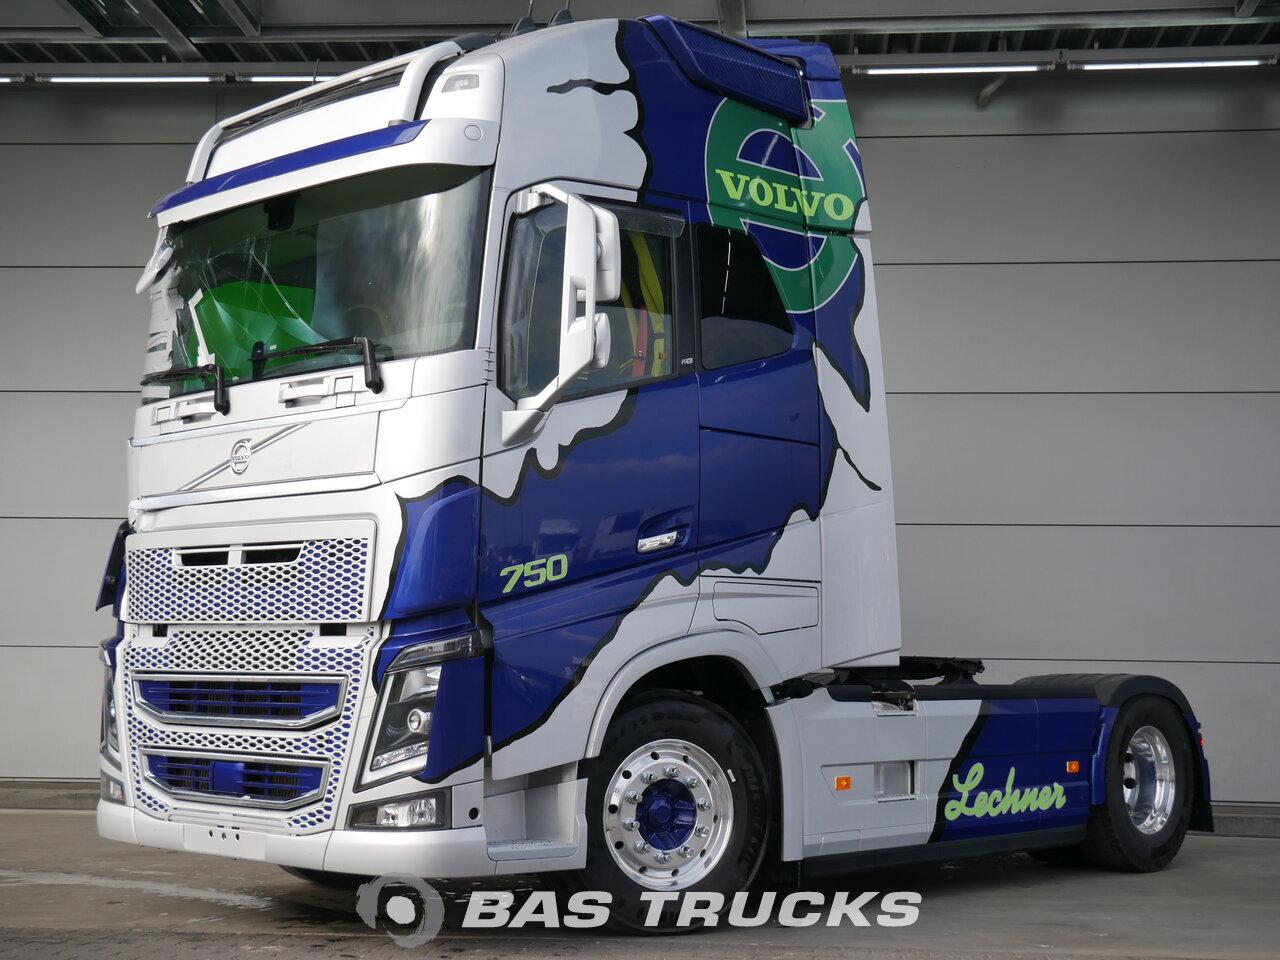 A Vendre A Bas Parts Volvo Fh16 750 Xl Unfall Fahrbereit 4x2 12 2016